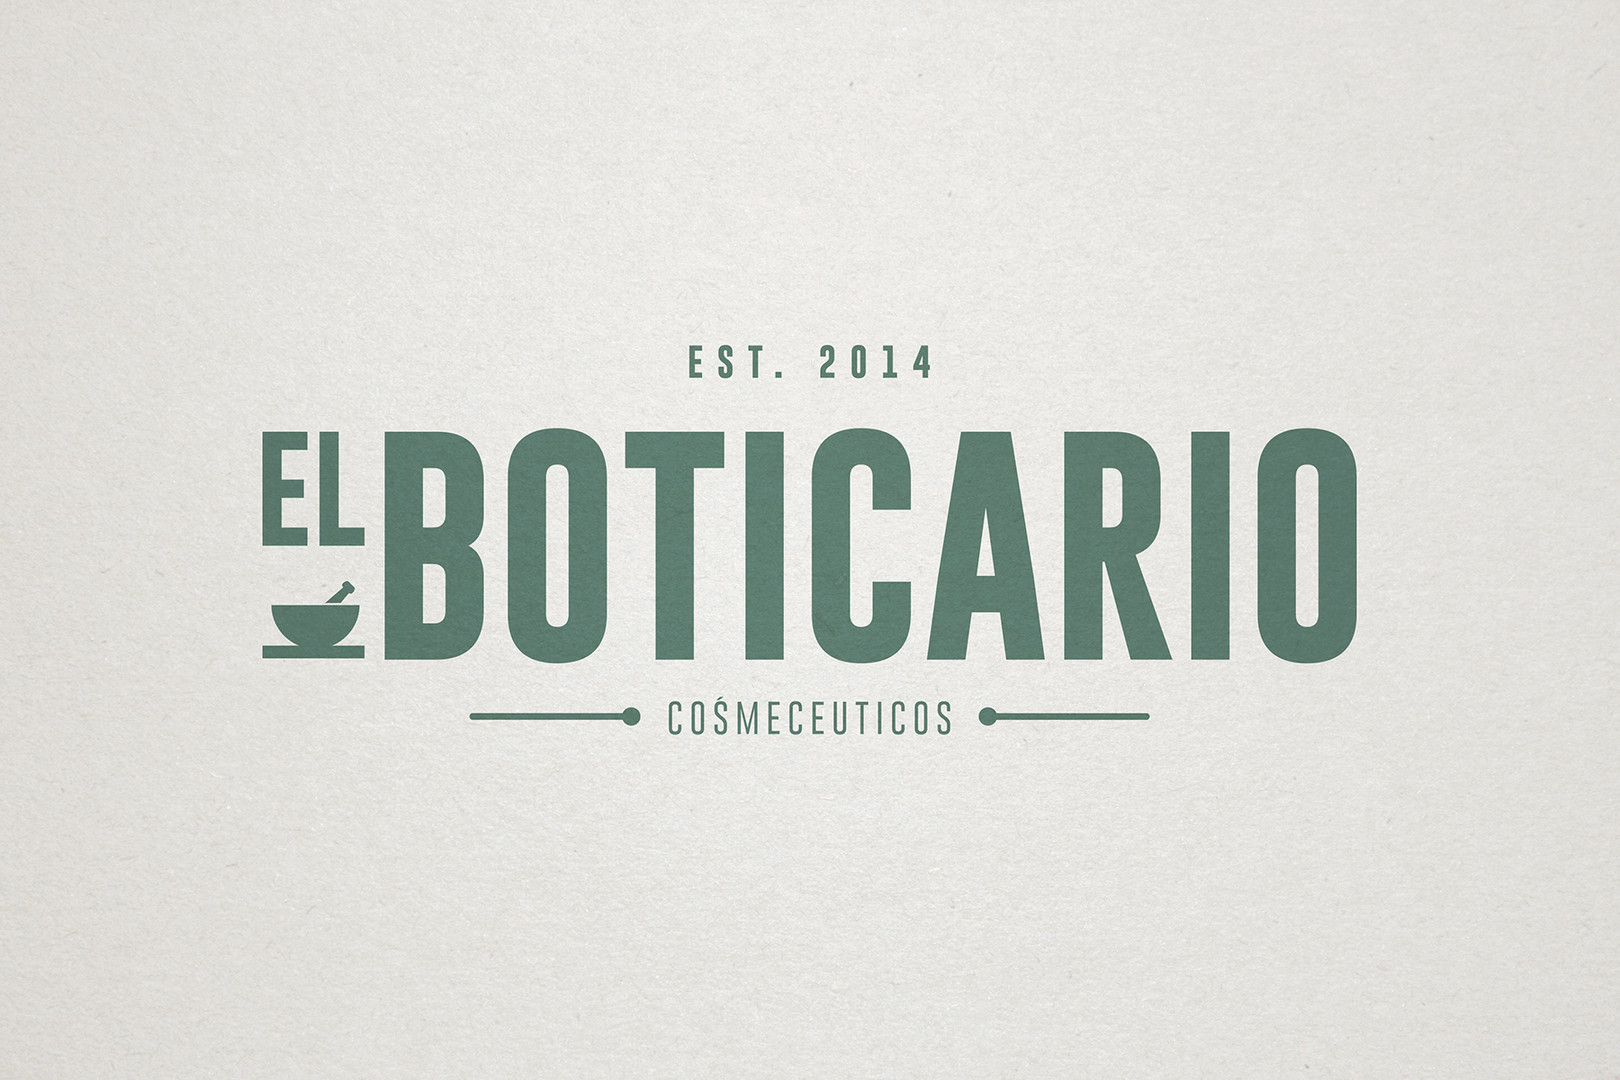 boticario10.jpg